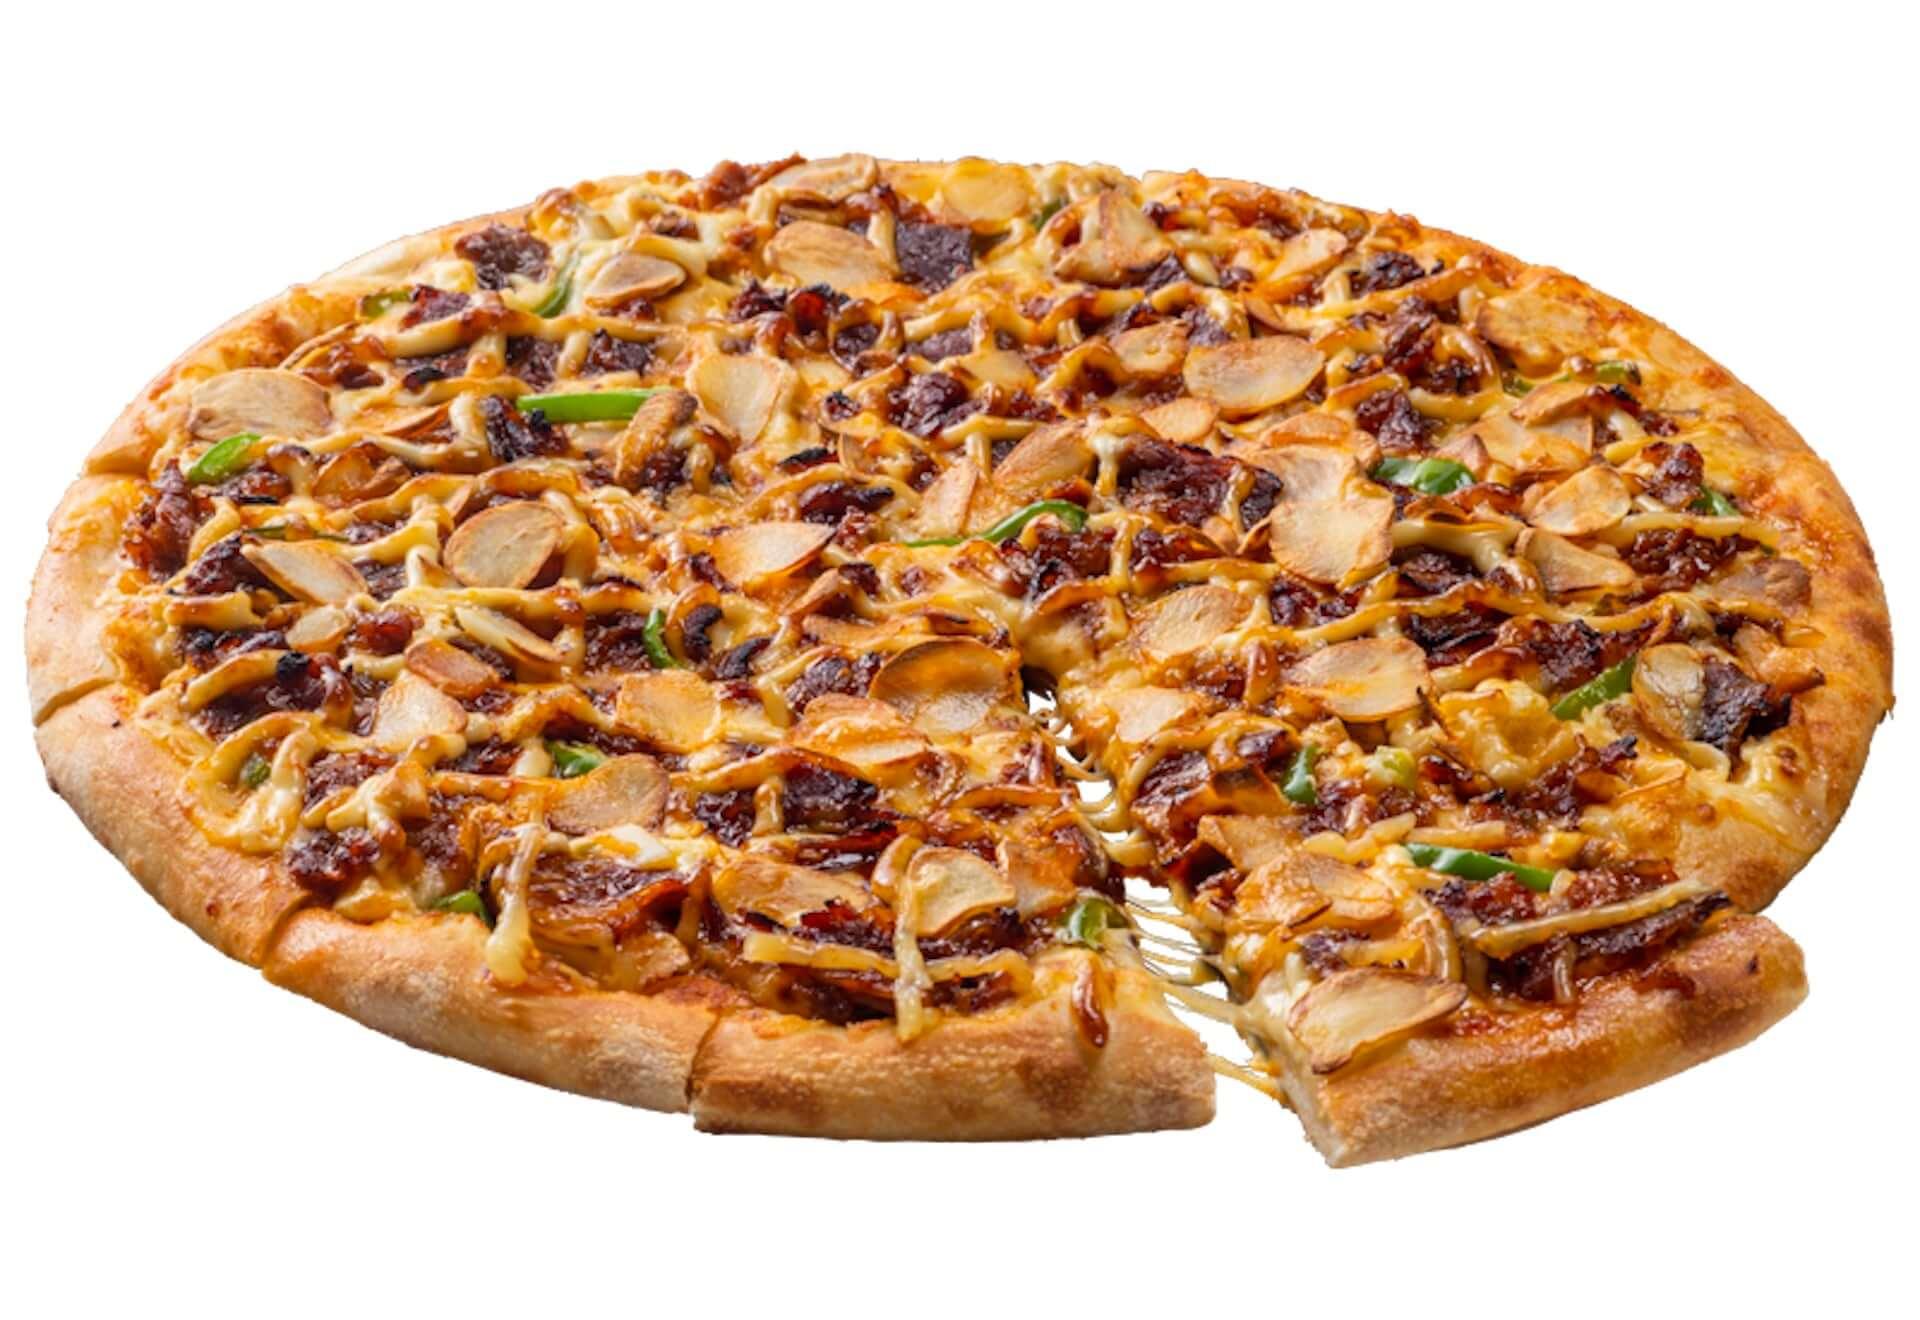 ピザの常識を覆す!?ドミノ・ピザの「裏ドミノ」シリーズ第2弾が期間限定で発売 『3kgポテト』『欲望の塊クワトロ』も登場 gourmet200713_dominos_pizza_1-1920x1320